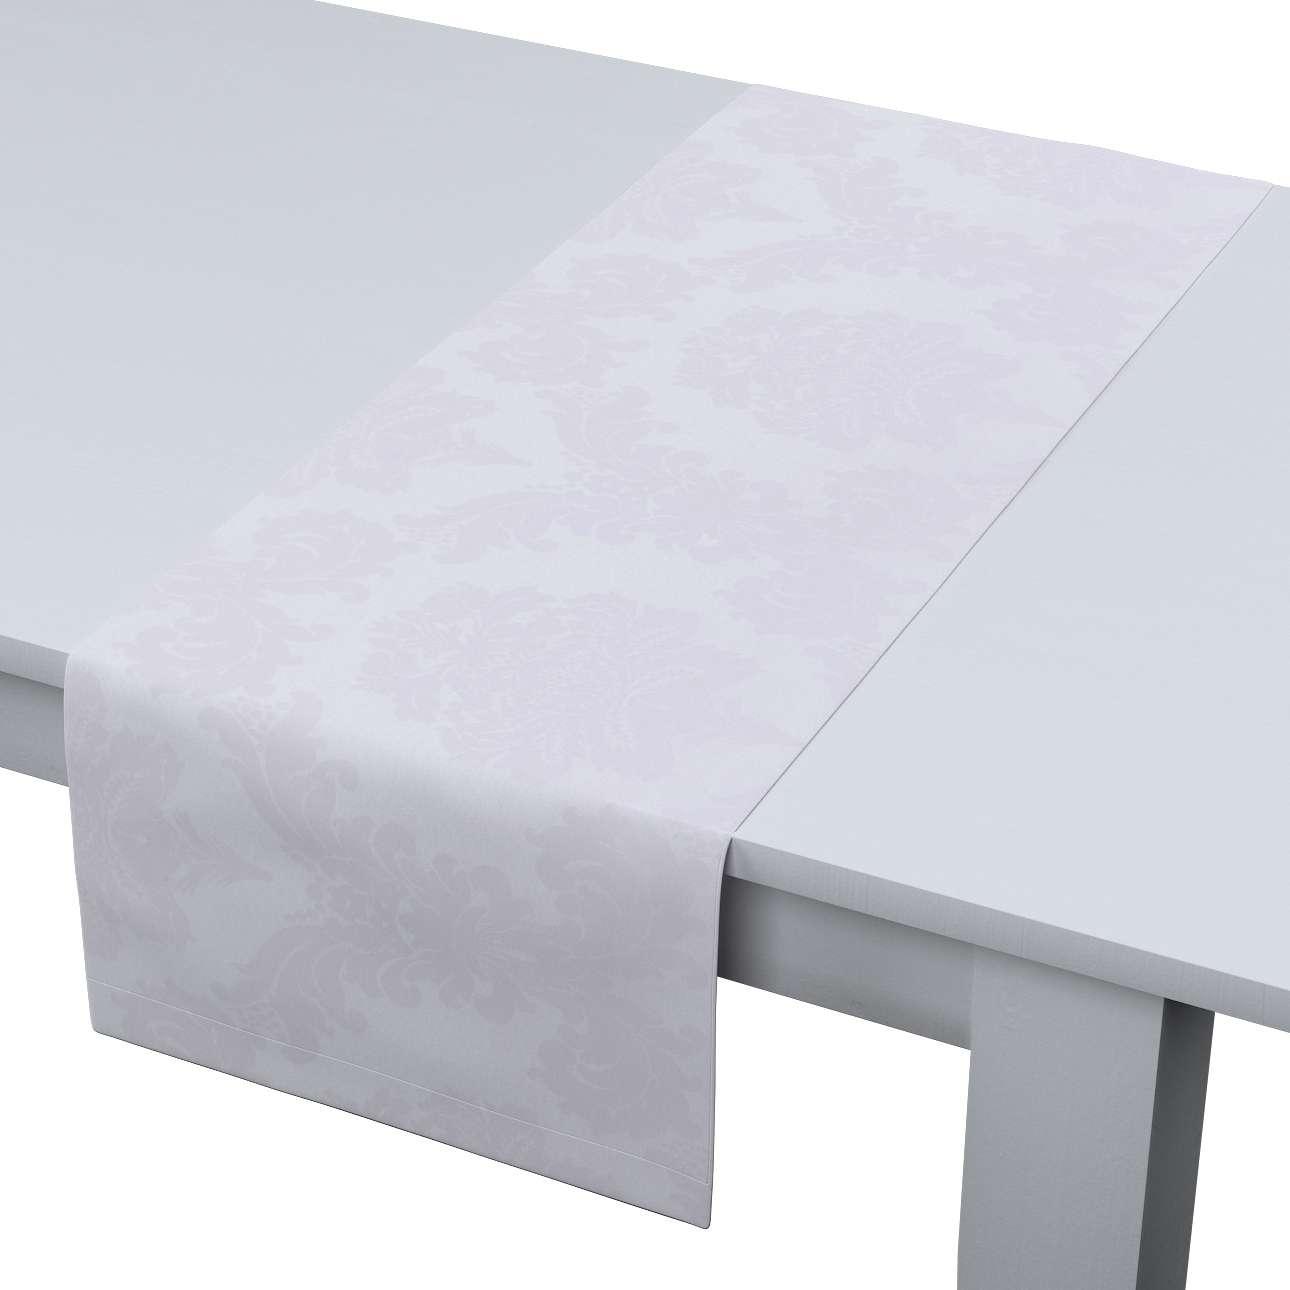 Rechteckiger Tischläufer 40 x 130 cm von der Kollektion Damasco, Stoff: 613-00